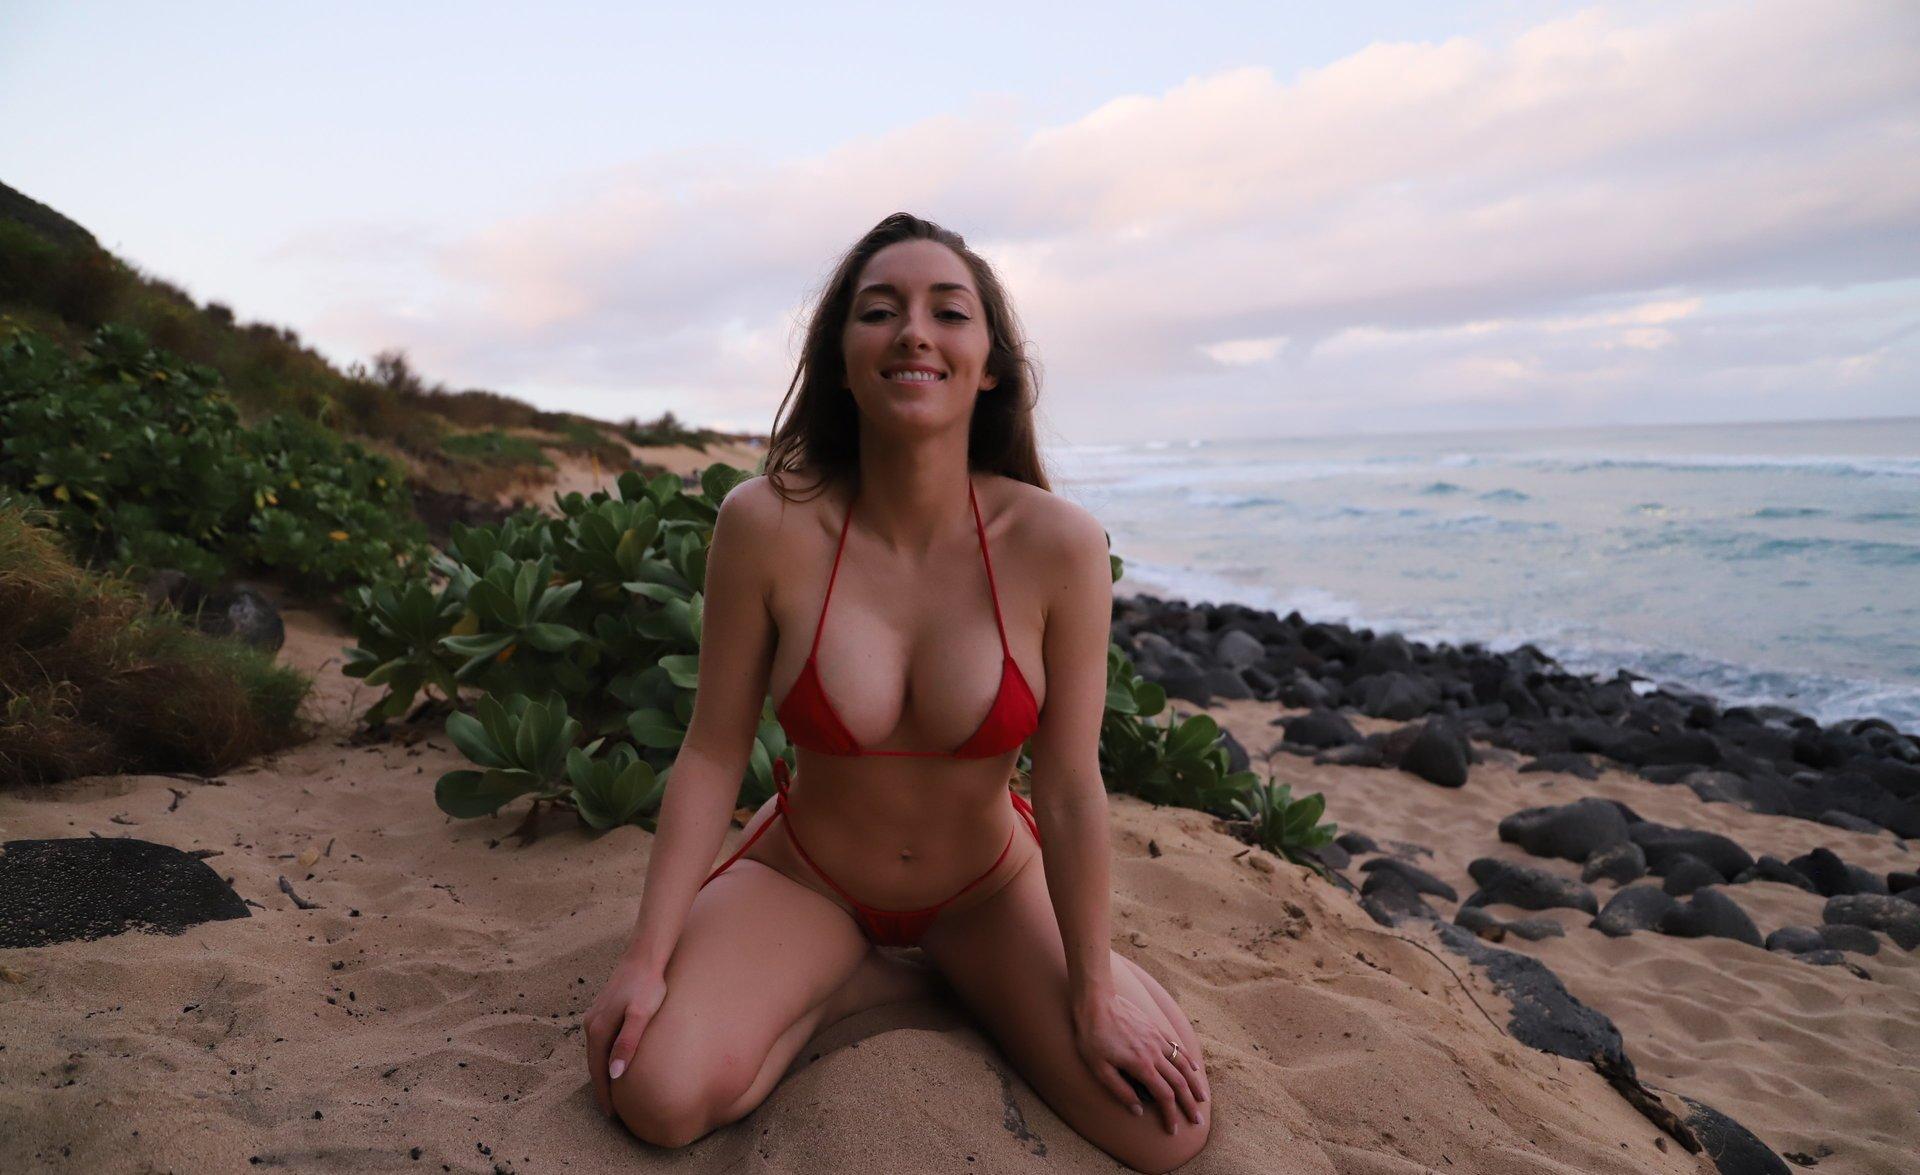 Abby Opel Onlyfans Nude Leaks 0003